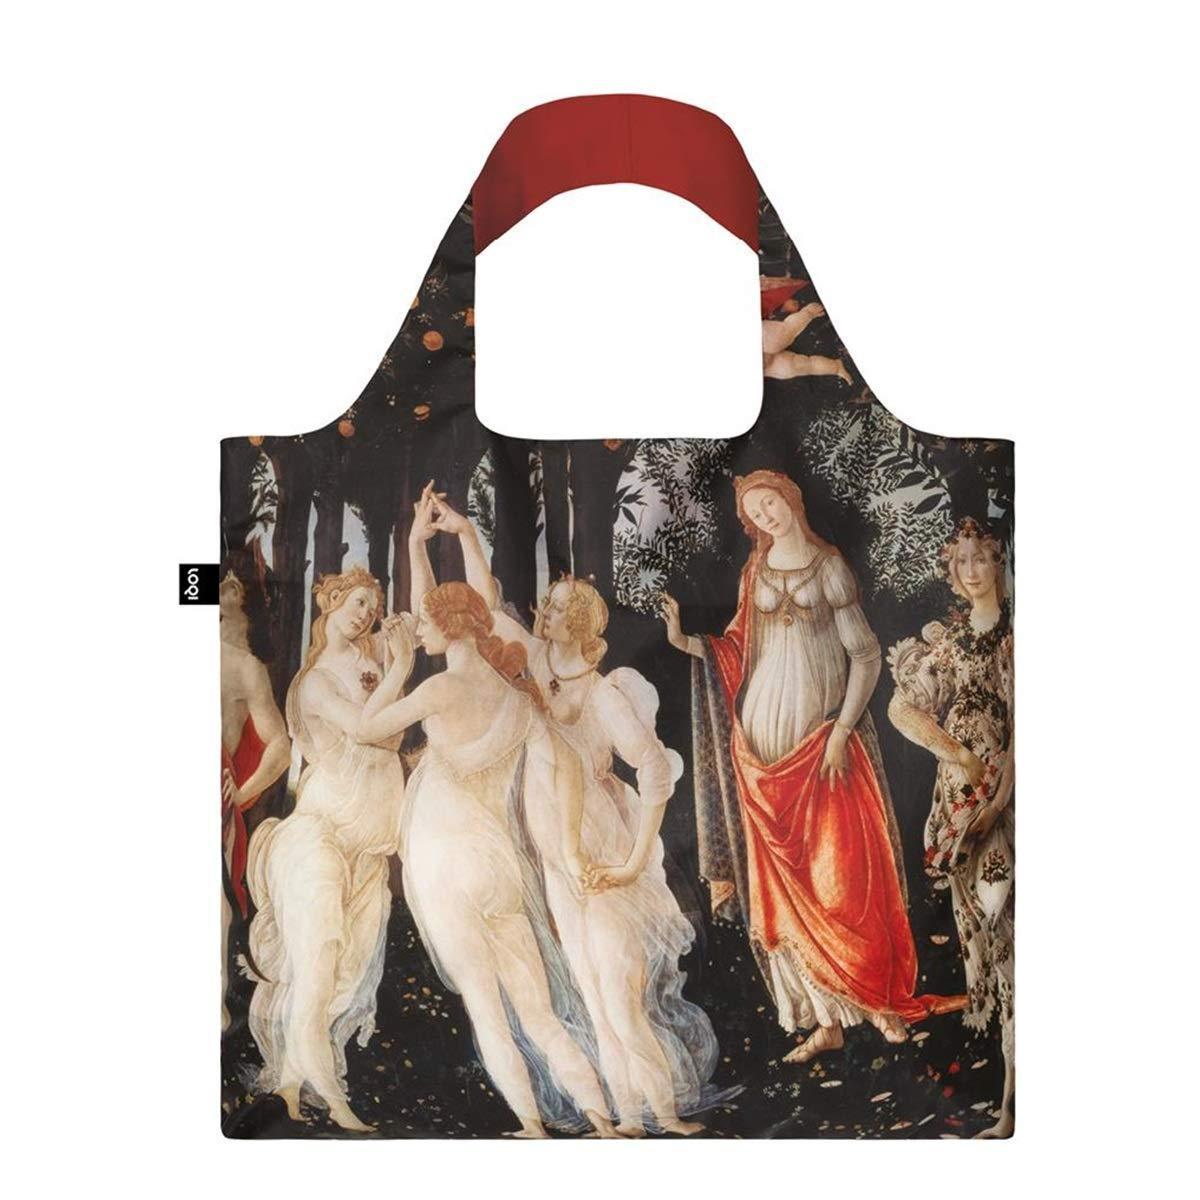 【メール便不可】 LOQI SB.PR SB.PR Museum Sandro Botticelli's ワンサイズ Primavera ショッピング再利用可能食料品バッグ ワンサイズ Sandro B07GVR9PHM, akibainpulse:d70d925e --- by.specpricep.ru